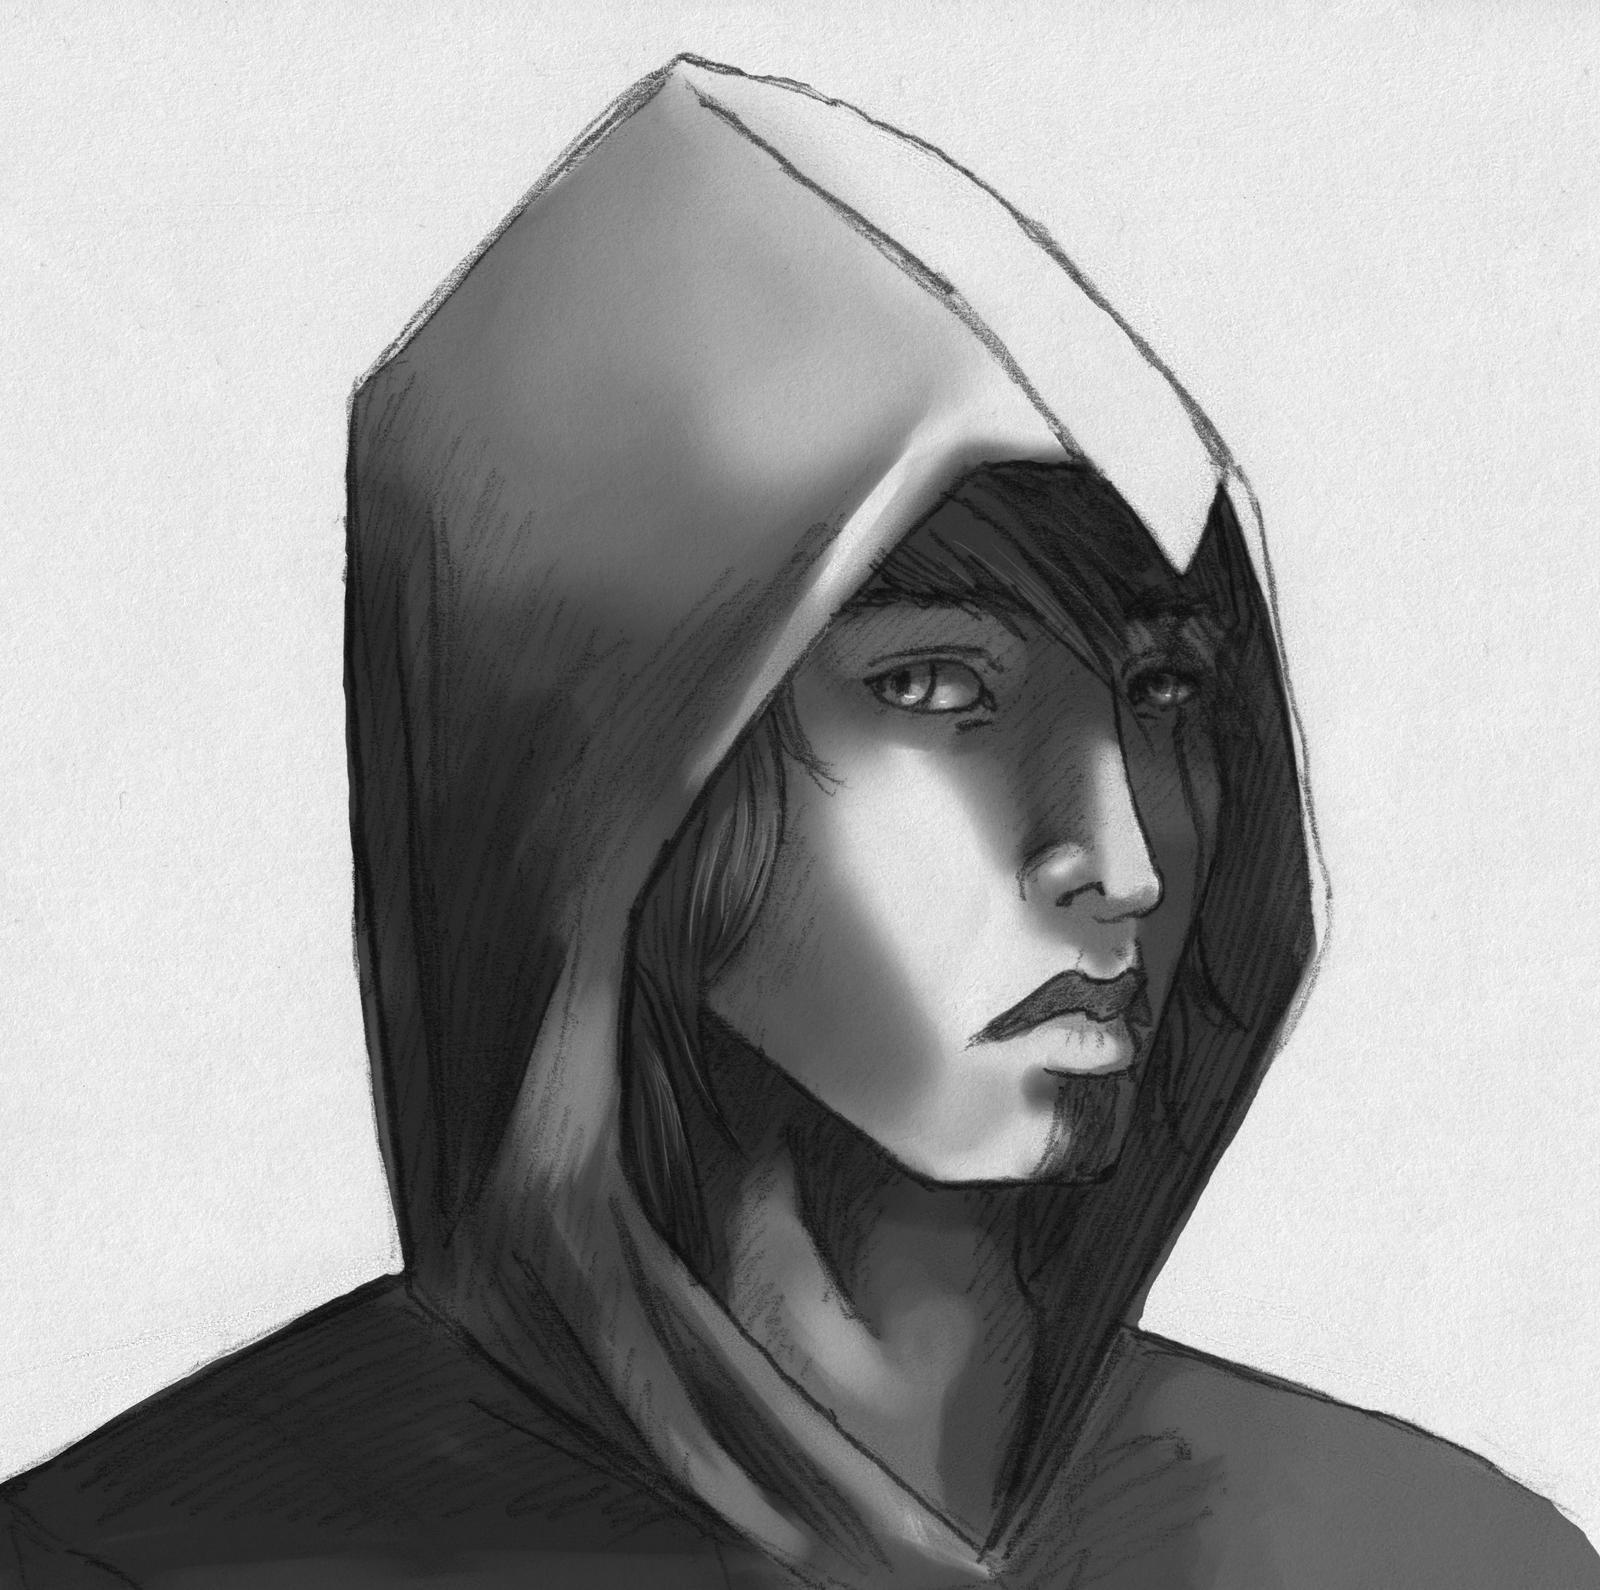 Aetos Darien Greyscale by Chardoz